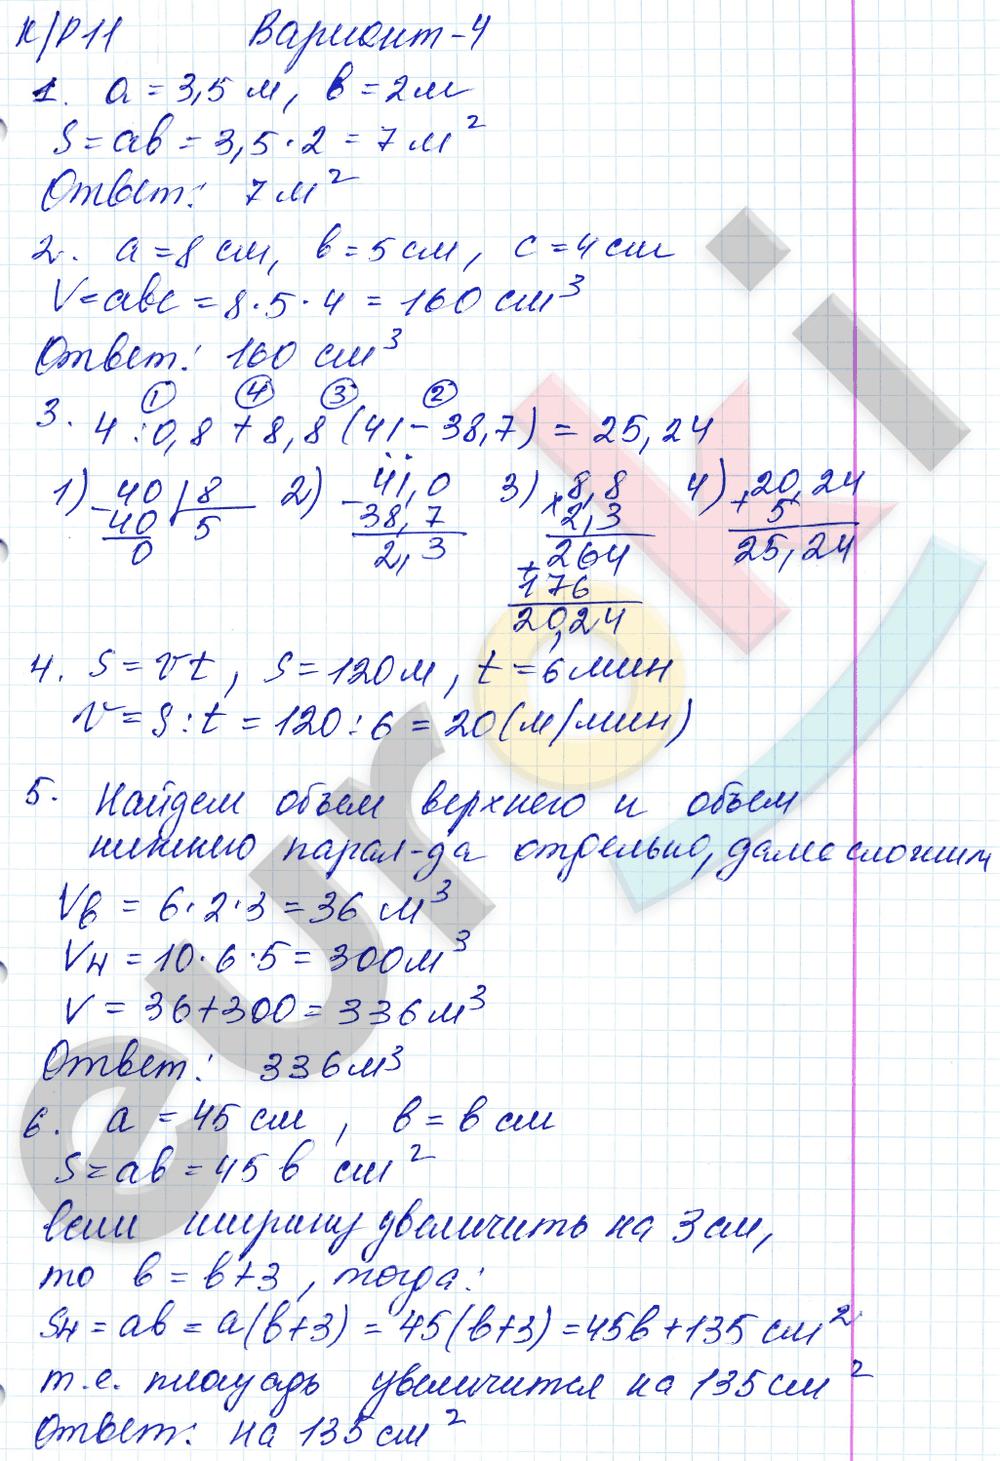 ГДЗ по математике 5 класс контрольные работы Дудницын, Кронгауз Экзамен ответы и решения онлайн КР-11. Площади и объемы. Задание: Вариант 4